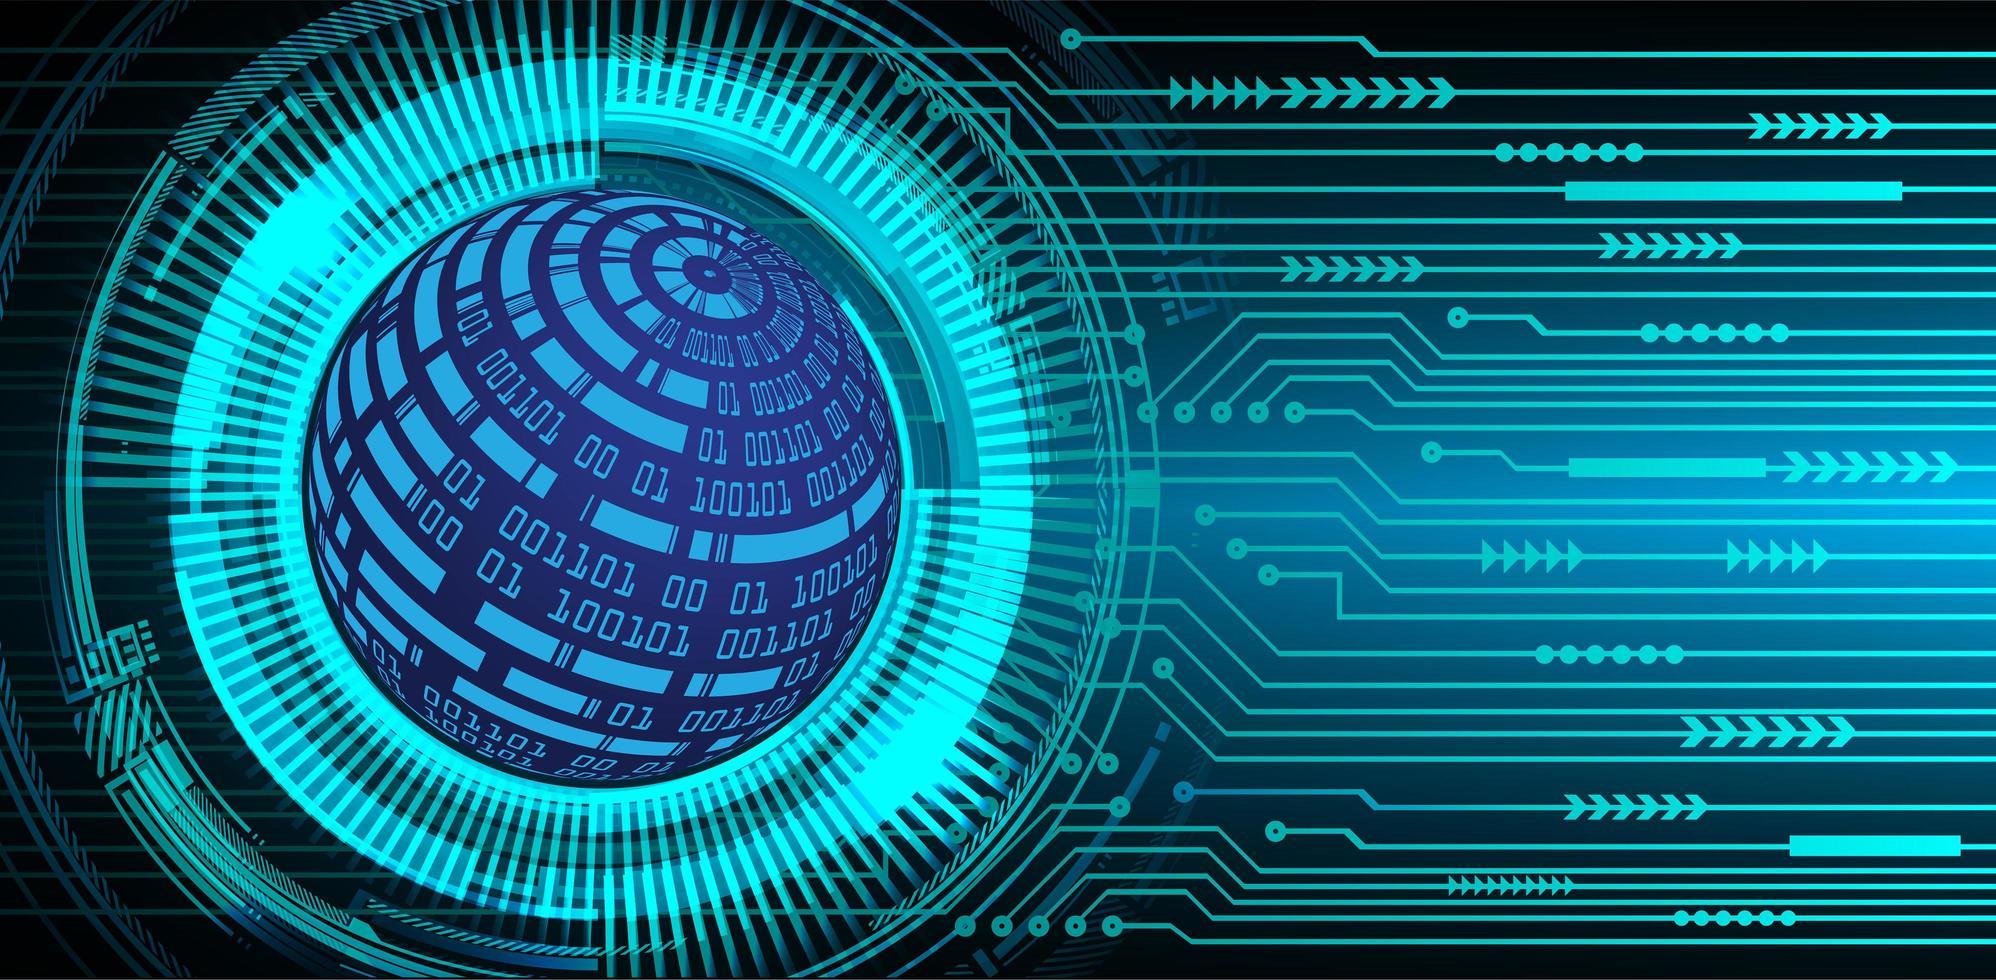 Zukunft und Technologie blauer Hologrammhintergrund mit Weltkarte vektor